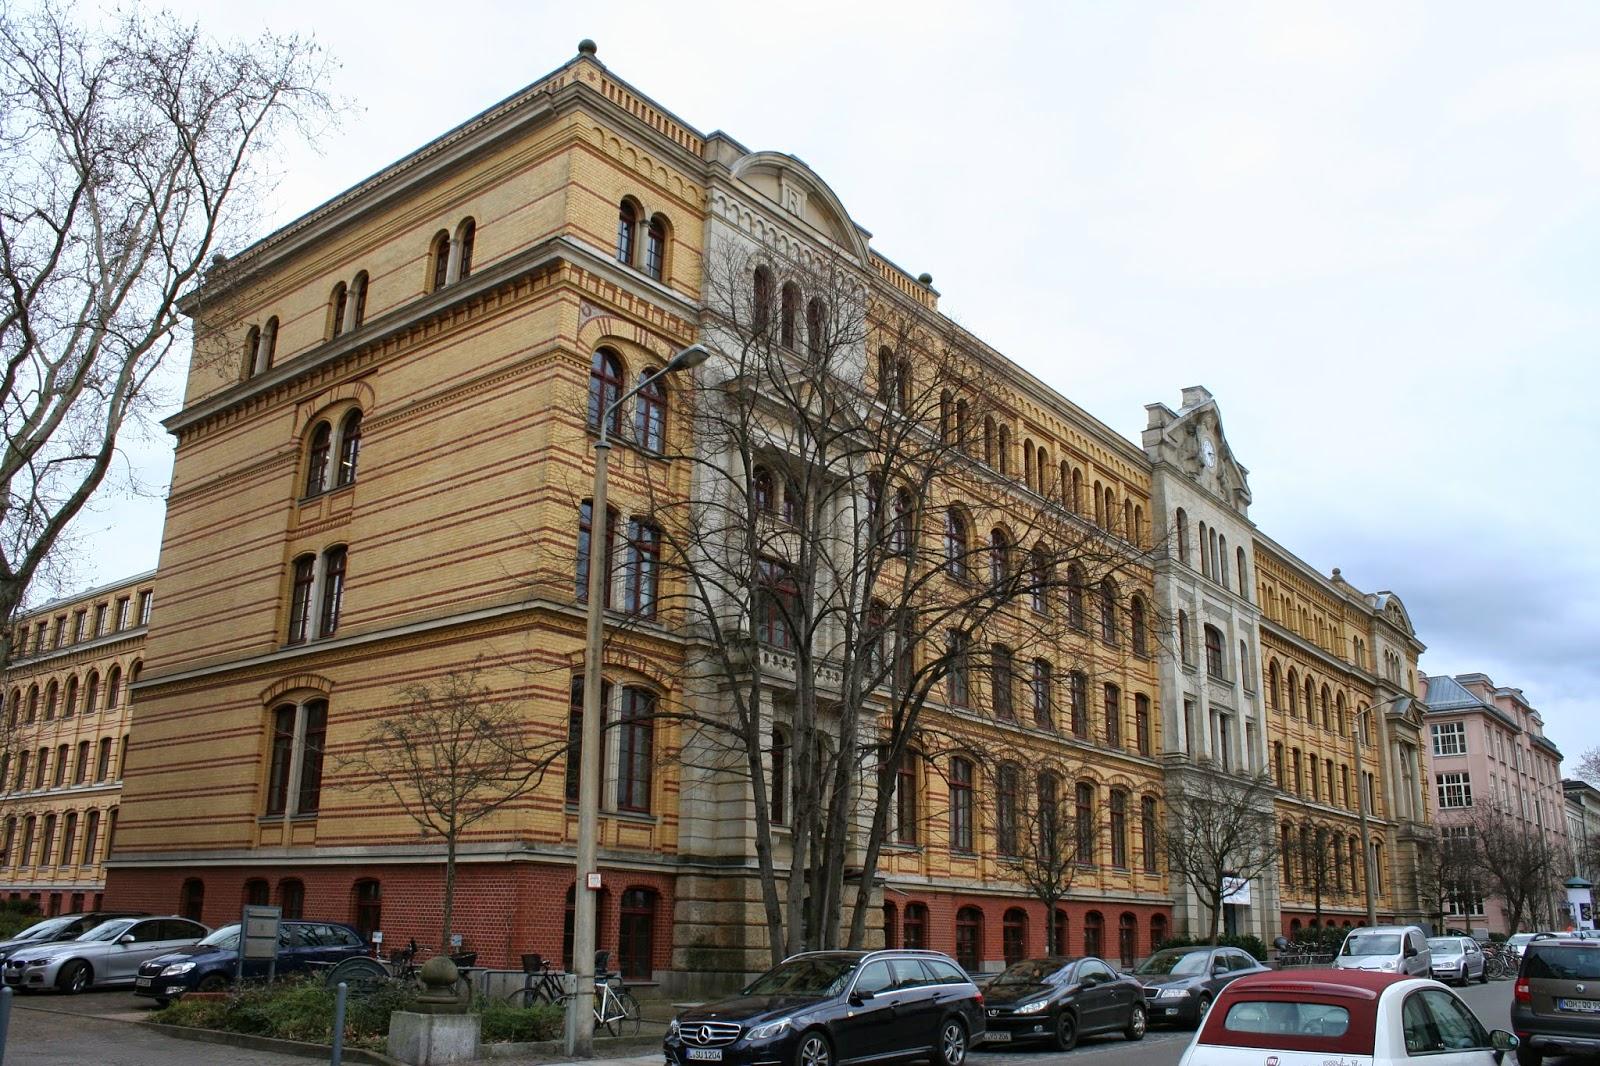 Aktuell ist neben anderen Firmen auch das Max-Planck Institut für Mathematik im Gebäude beheimatet